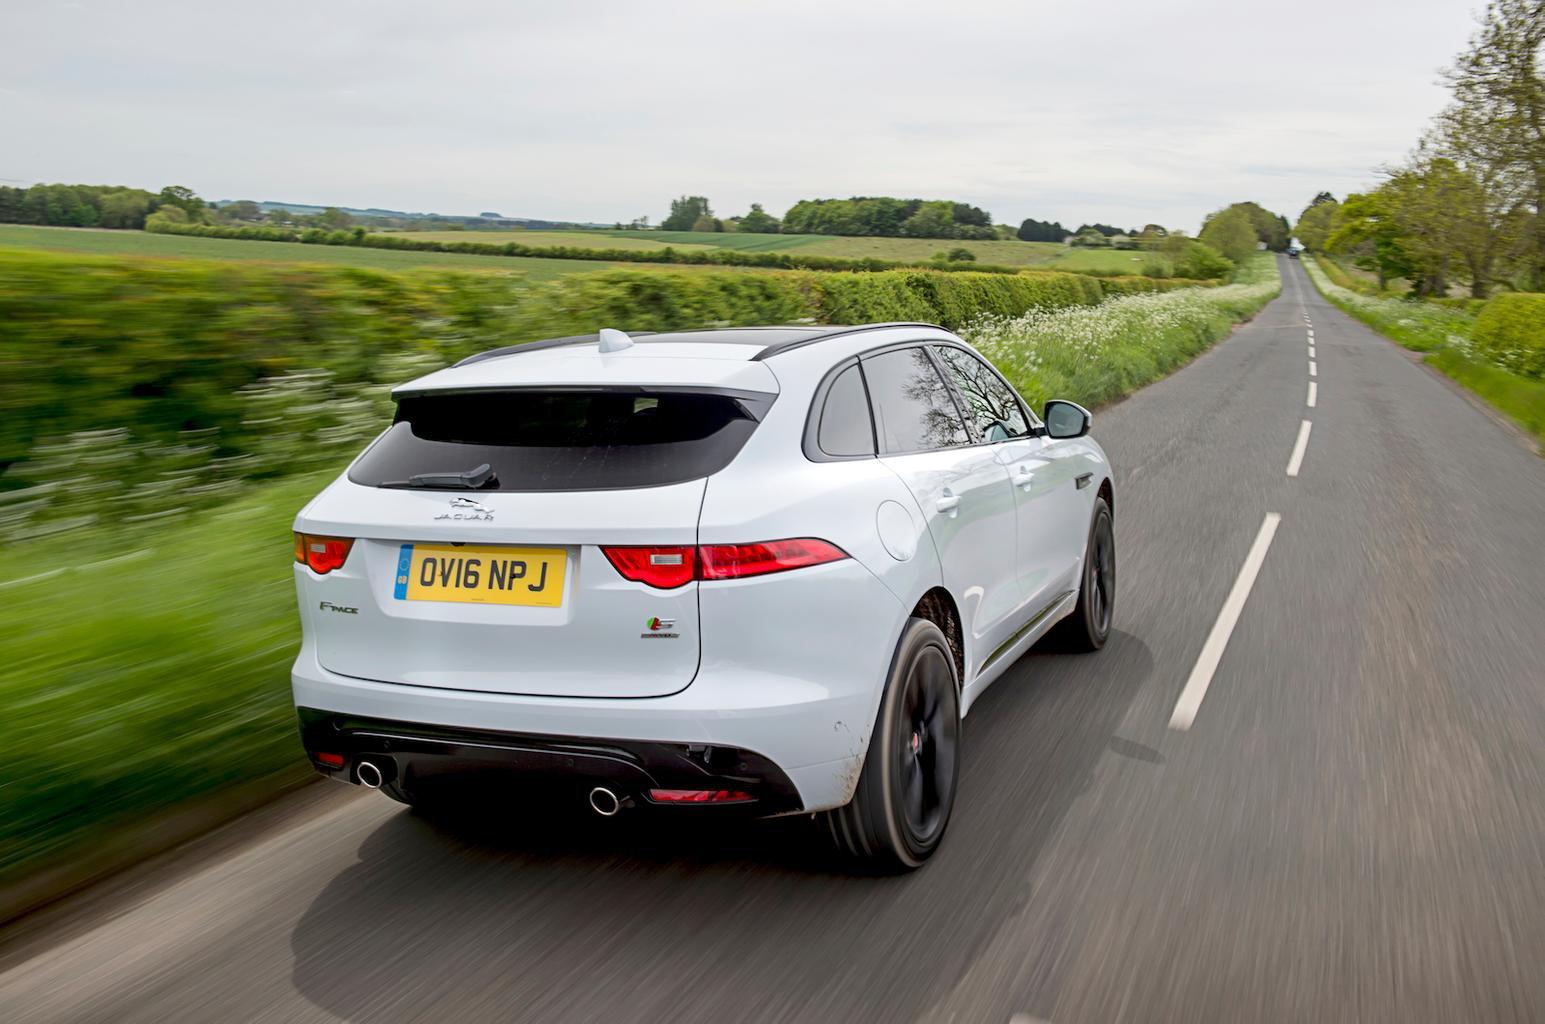 2016 Jaguar F-Pace 3.0d review